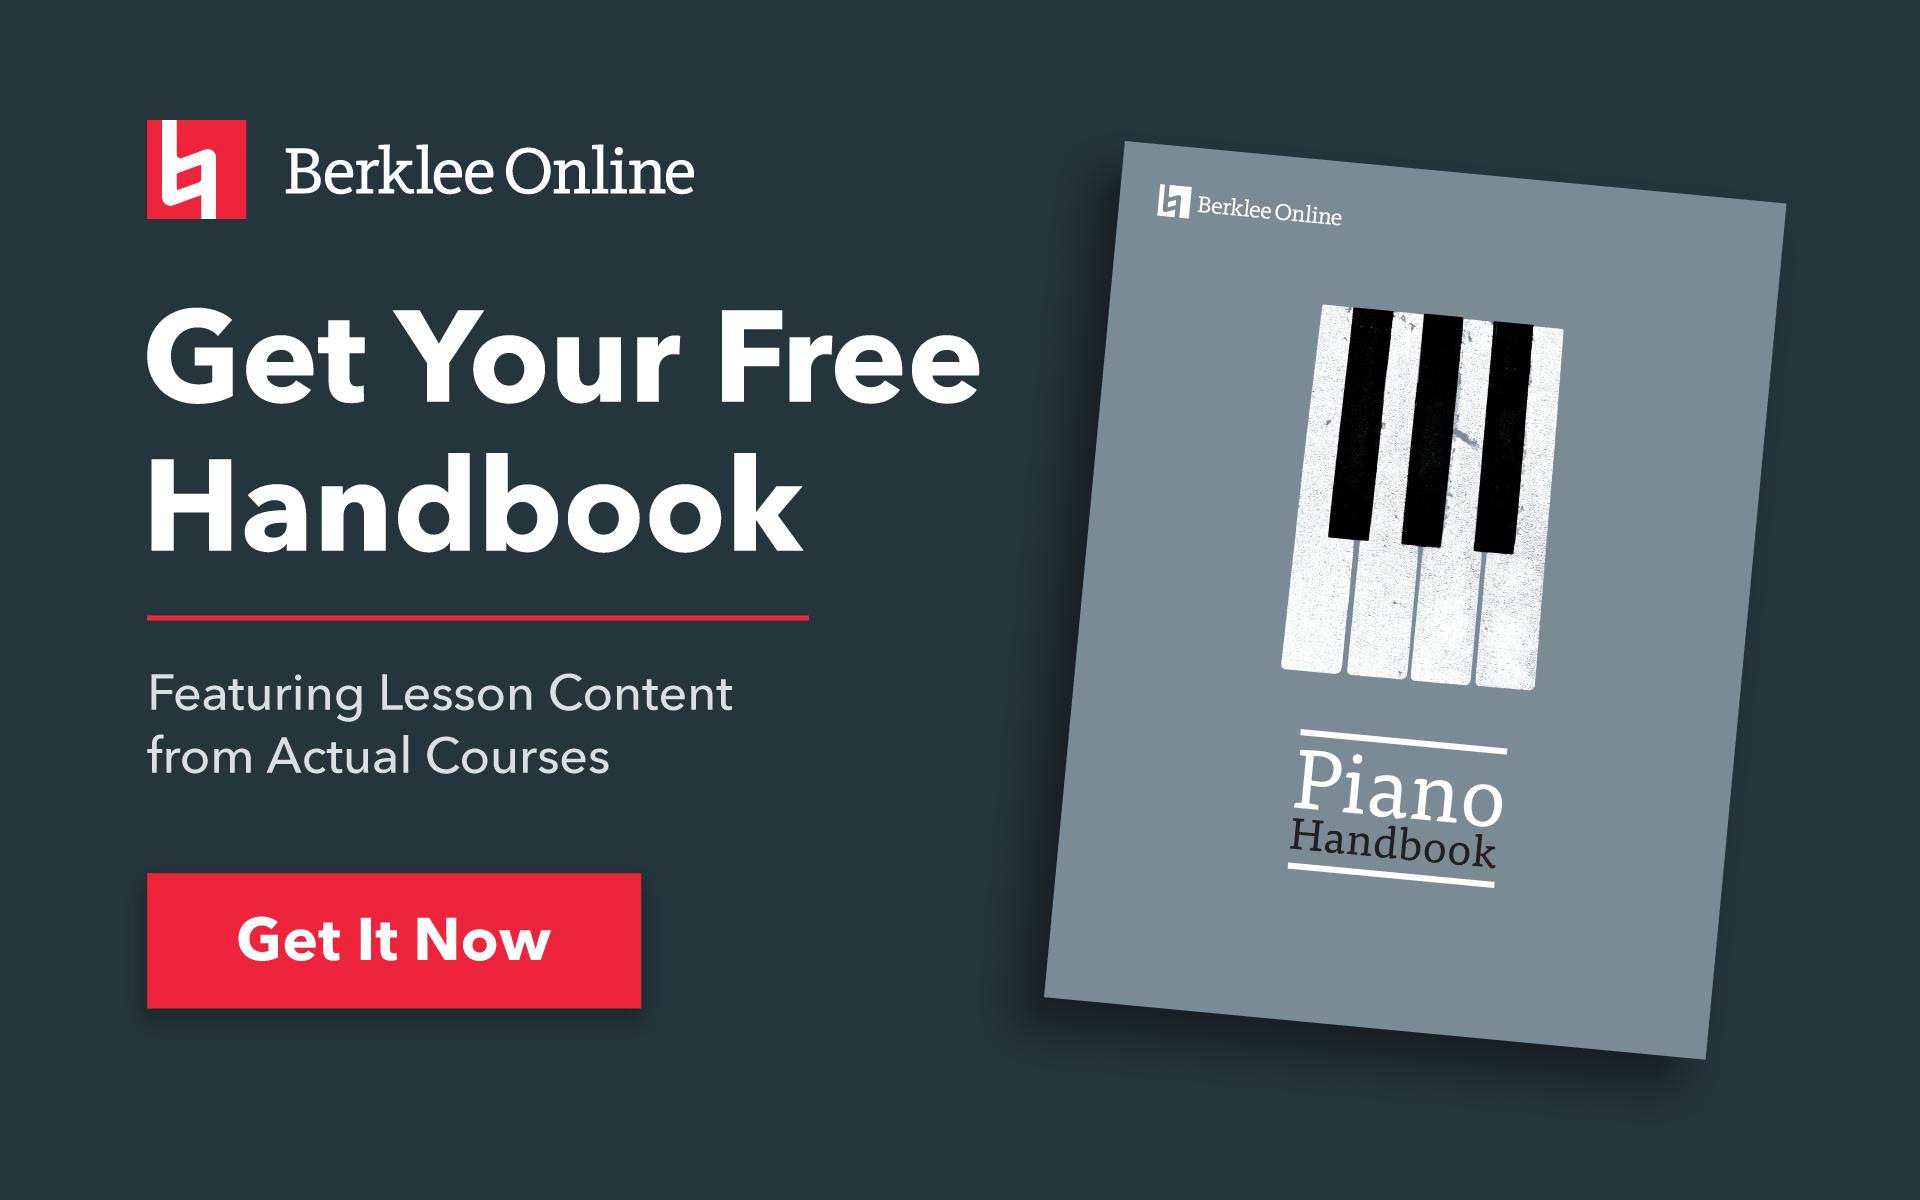 Get your free piano handbook from Berklee Online.